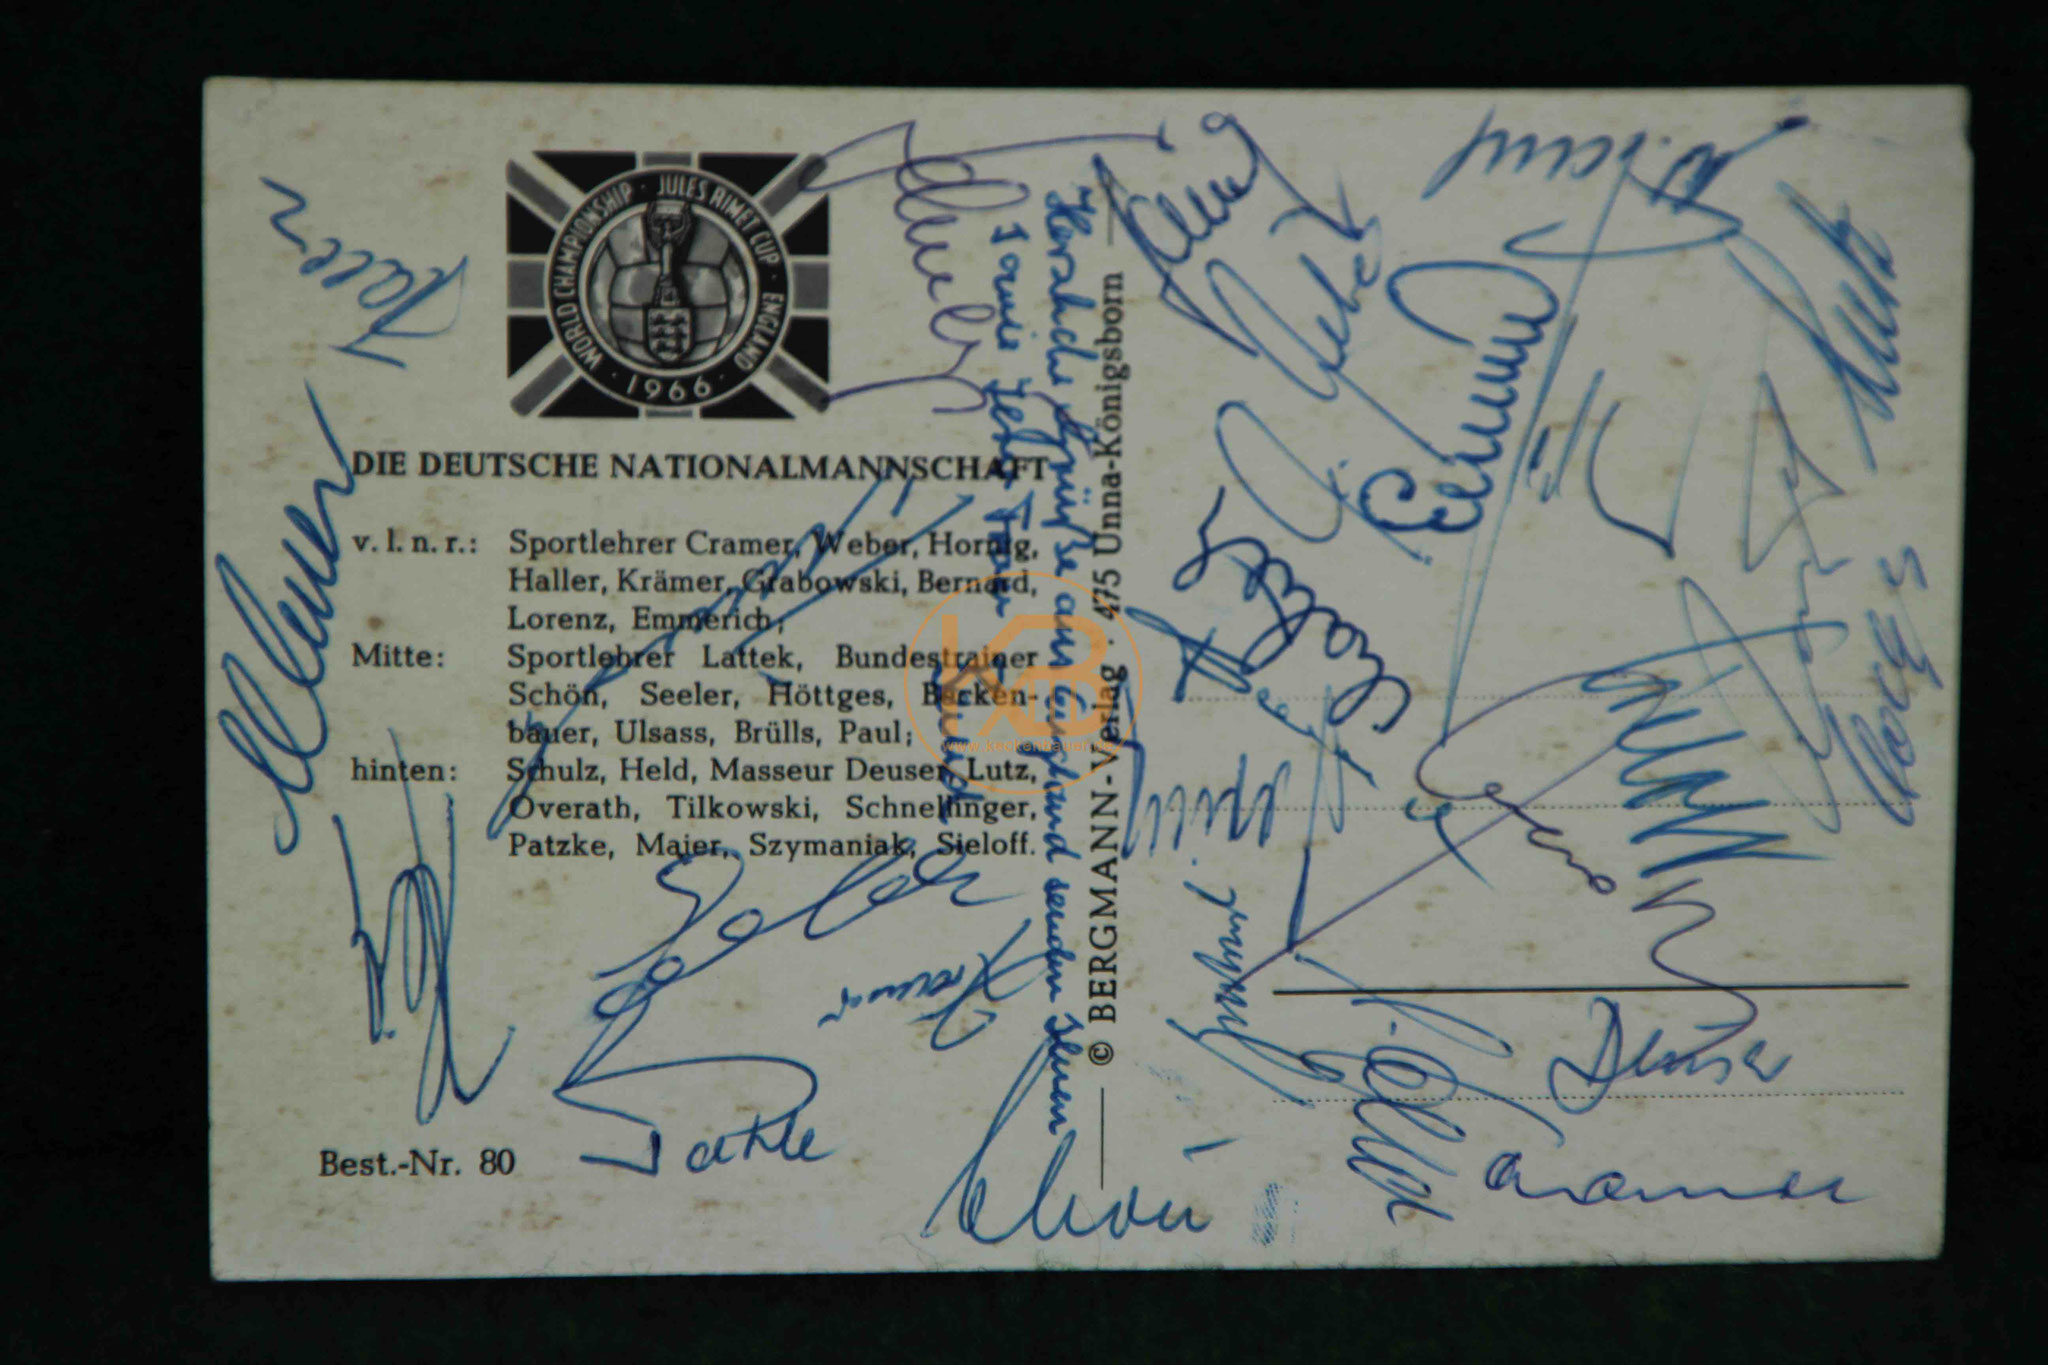 Ansichtskarte der Deutschen Nationalmannschaft von 1966 mit allen original Unterschriften aus dem Nachlass von Max Merkel 2/2